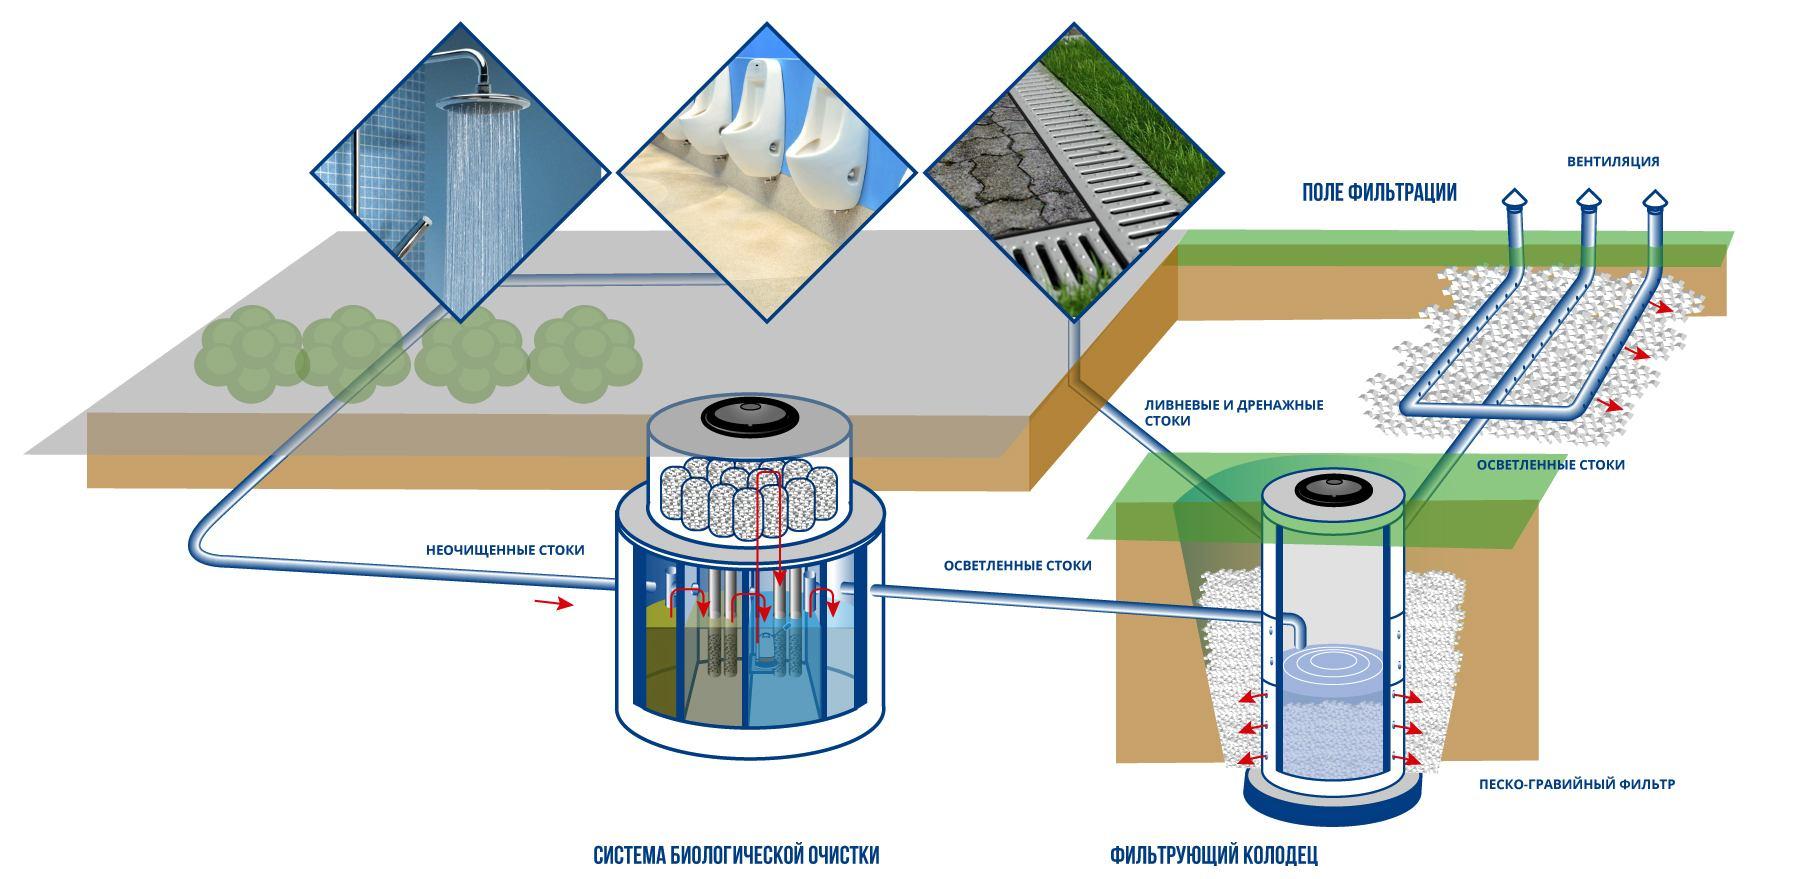 Схема автономной канализации ФОКов, стадионов, катков, фитнес-центров, саун